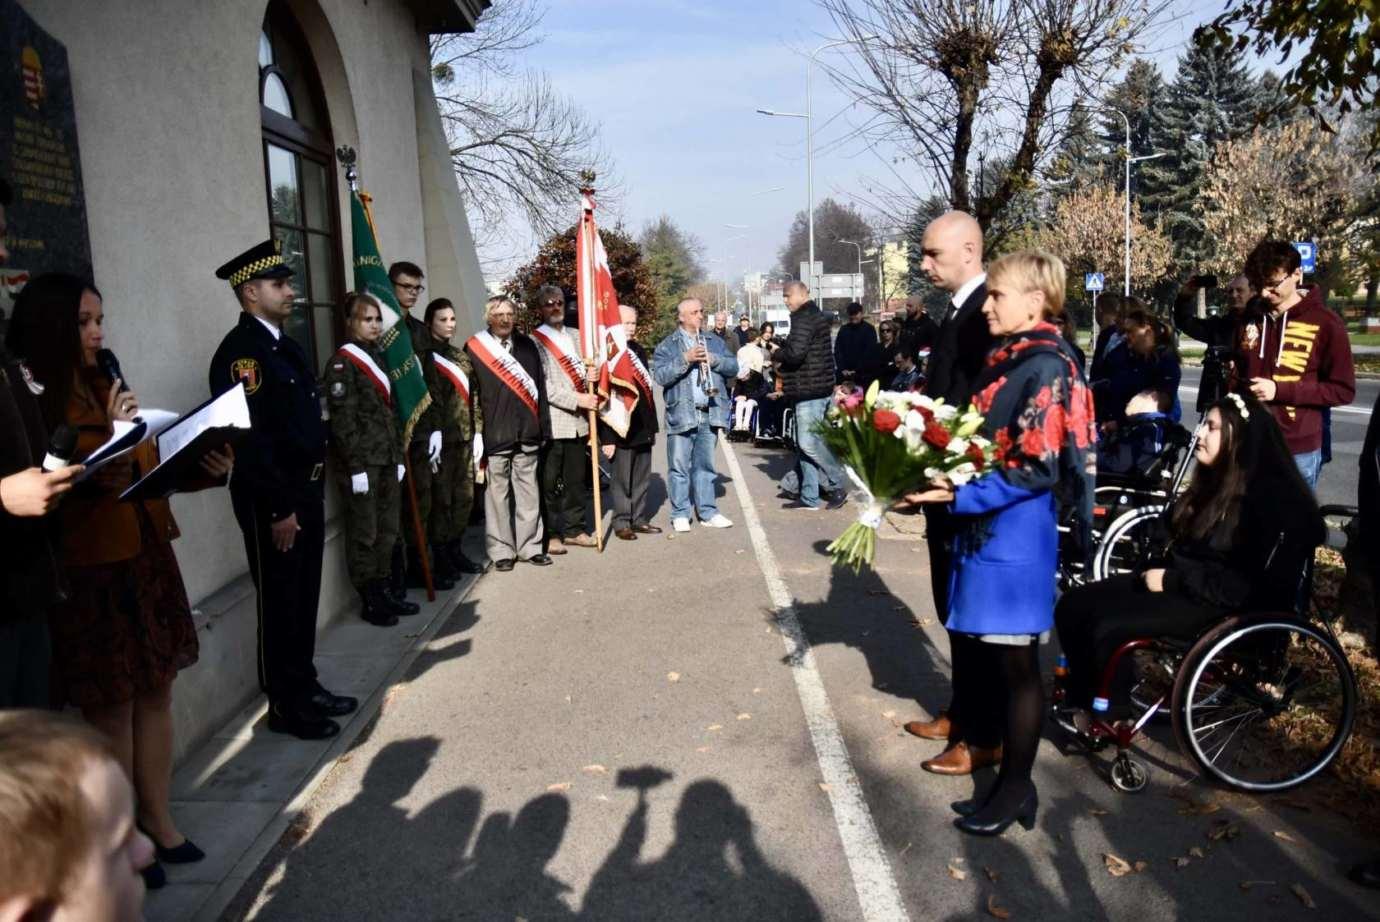 dsc 9490 Zamość: Obchody Narodowego Święta Węgier [ZDJĘCIA, FILM]